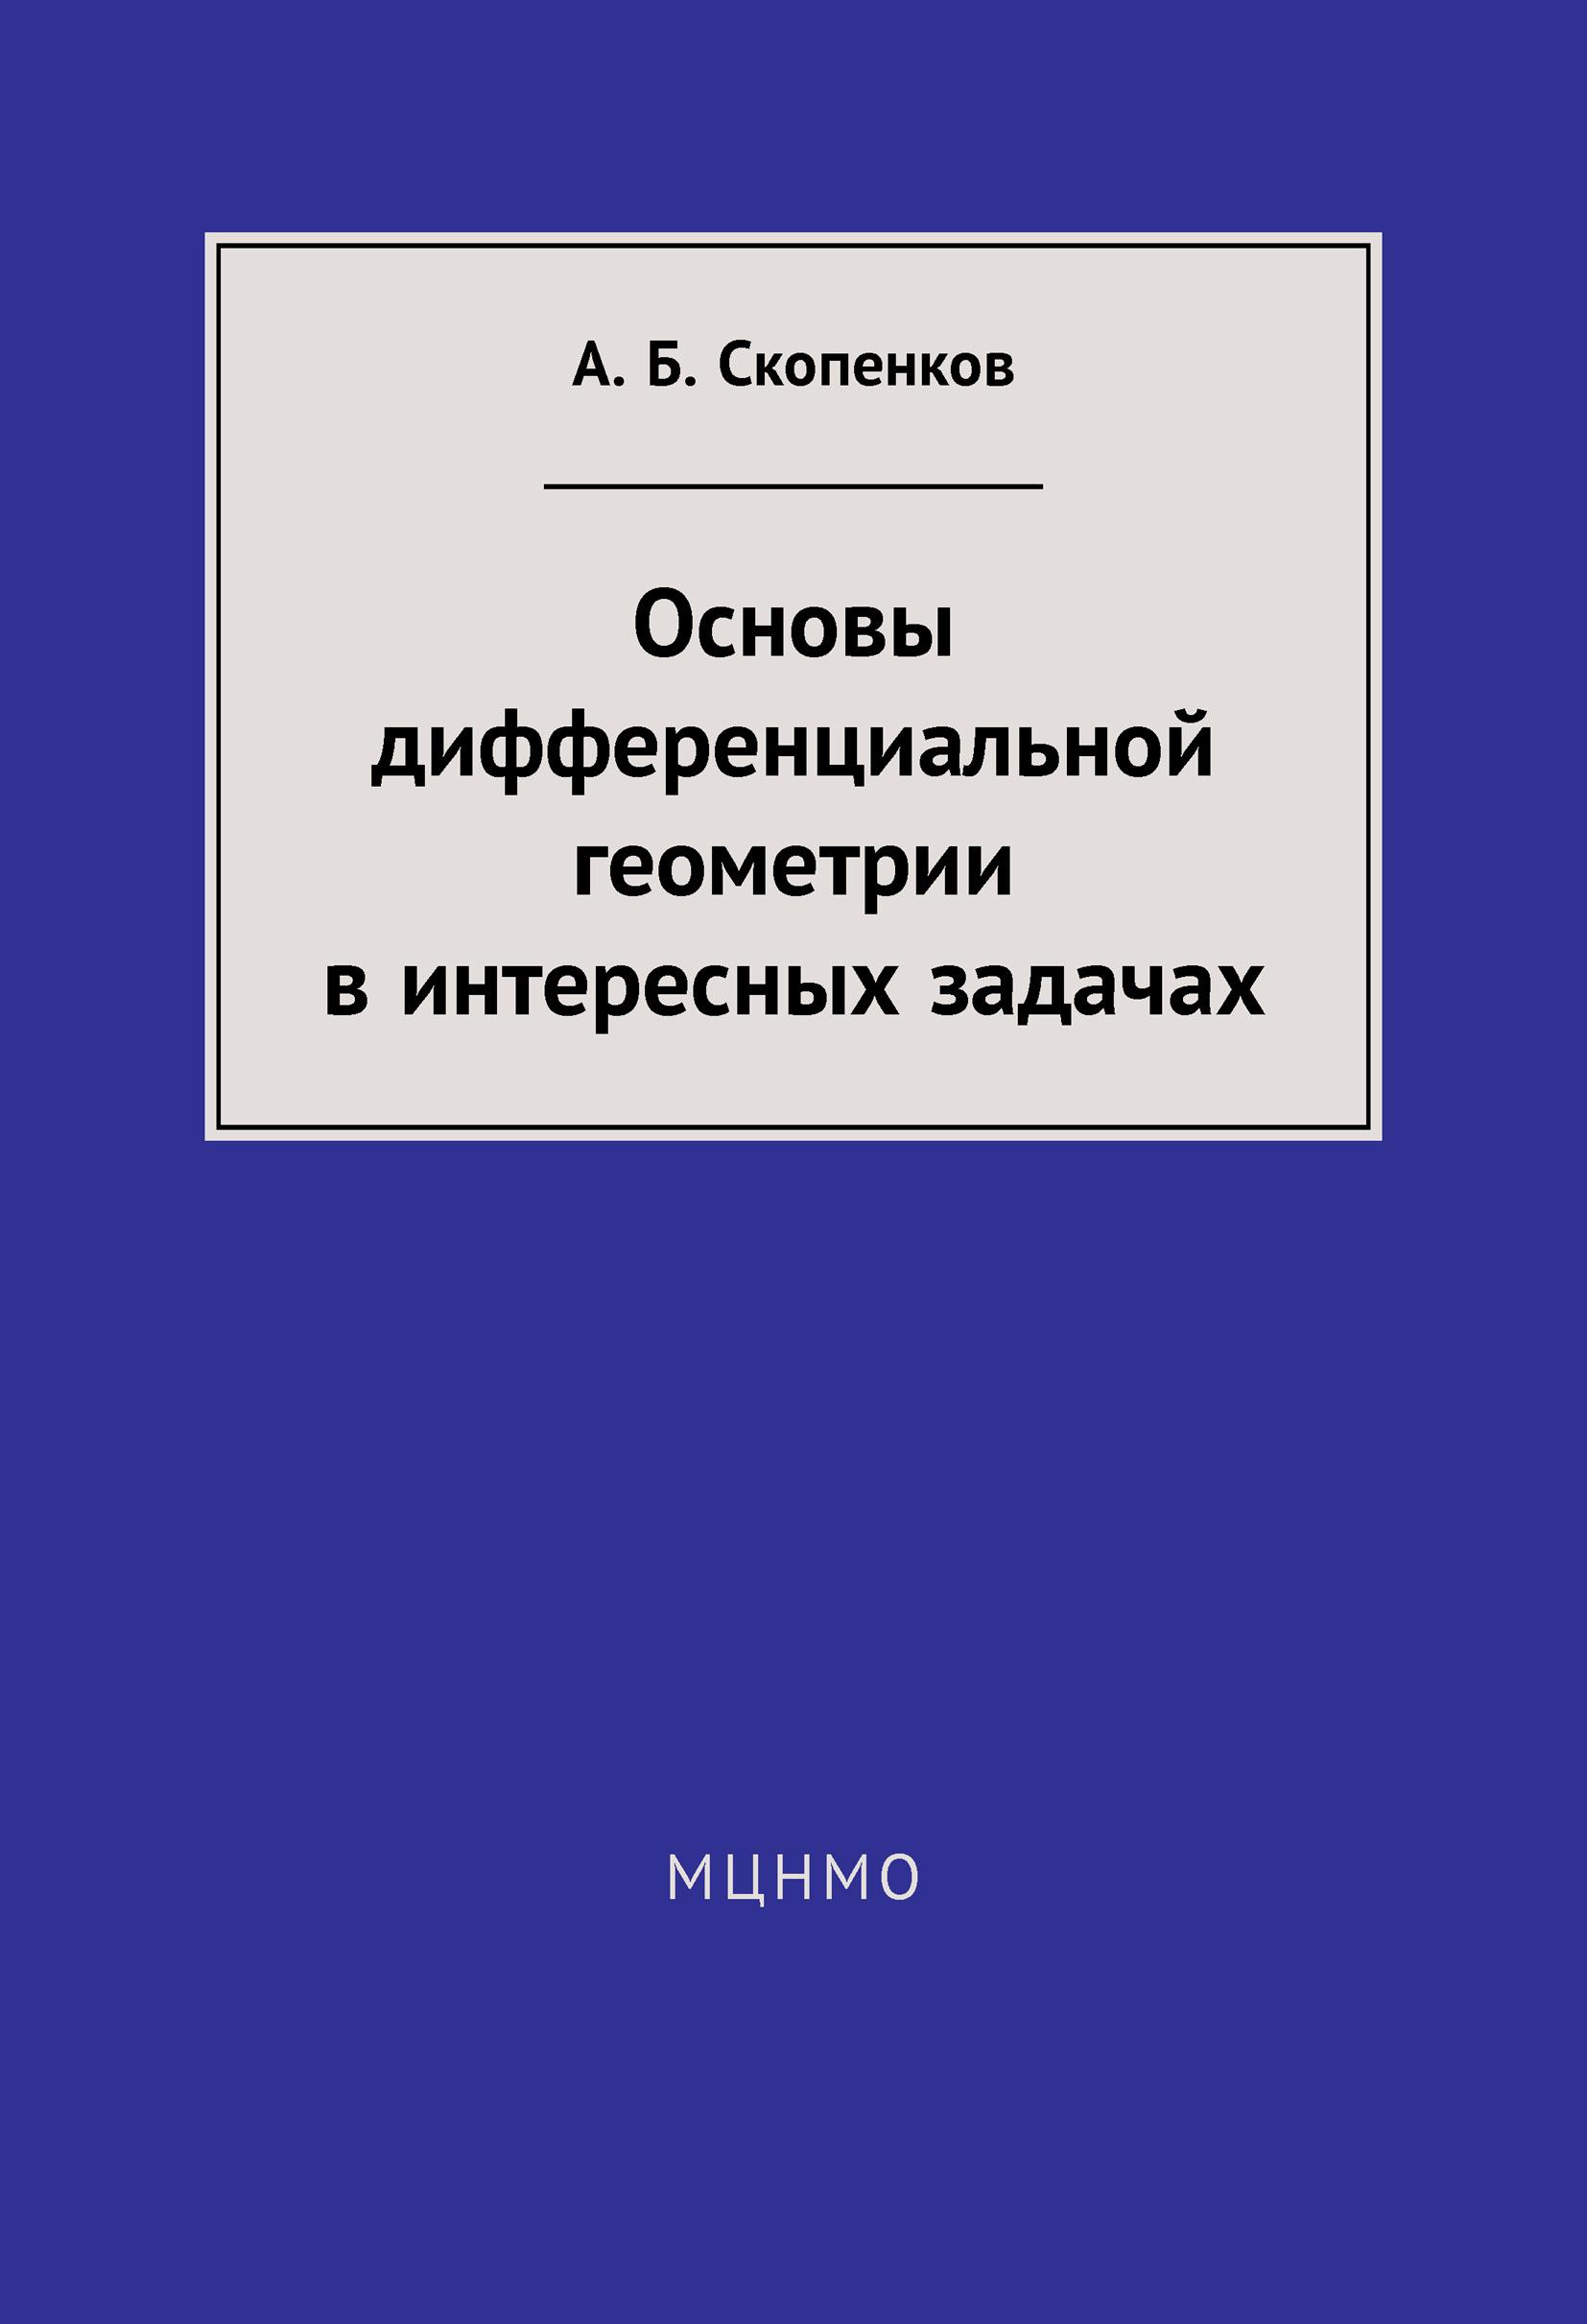 А. Б. Скопенков Основы дифференциальной геометрии в интересных задачах цена и фото